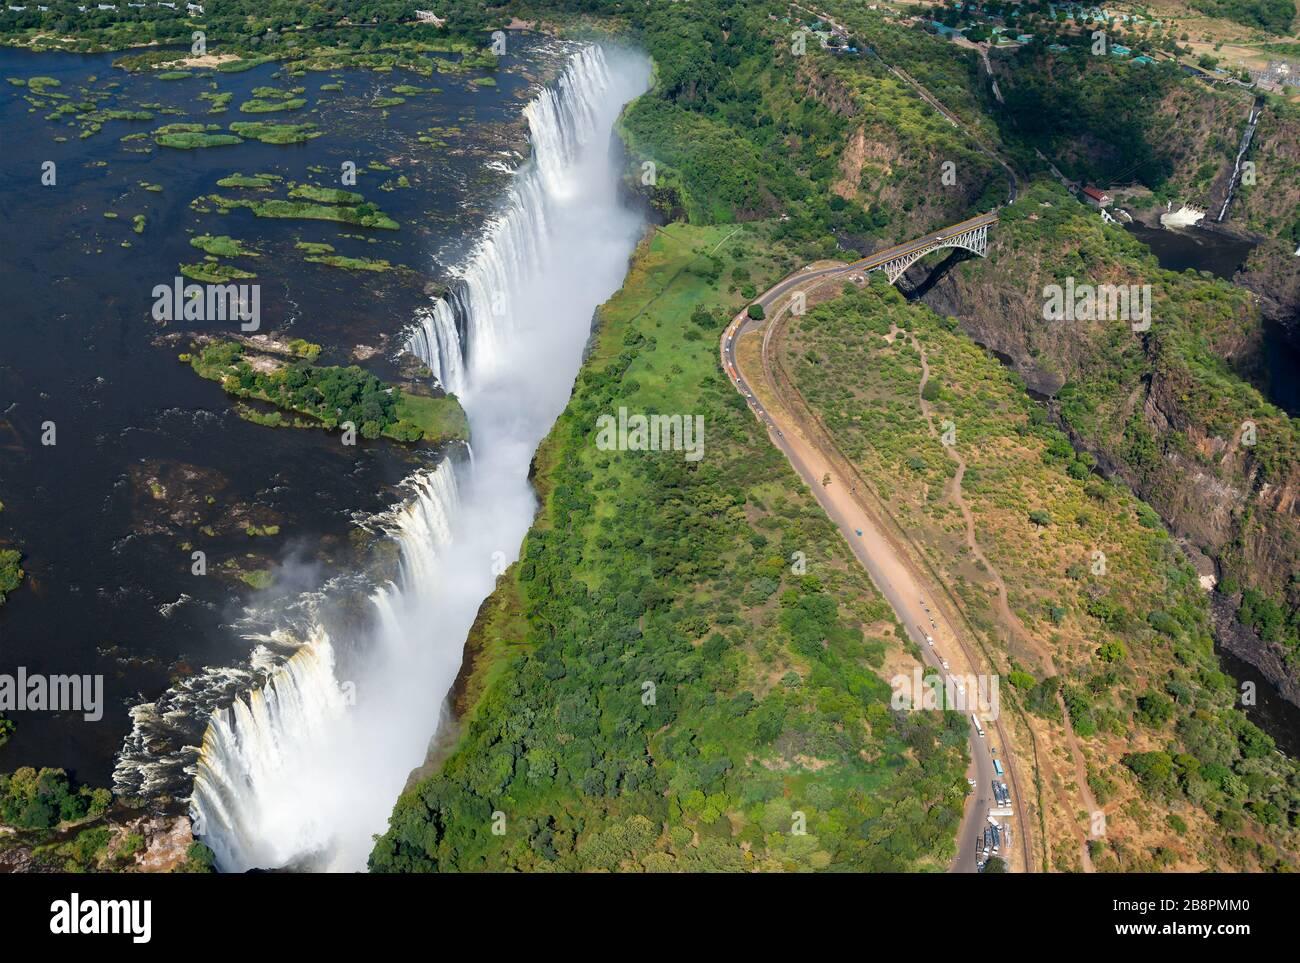 Vue aérienne des chutes Victoria situées entre le Zimbabwe et la Zambie en une journée ensoleillée. Eau qui coule de la rivière Zambèze. Classé par l'UNESCO comme patrimoine mondial Banque D'Images